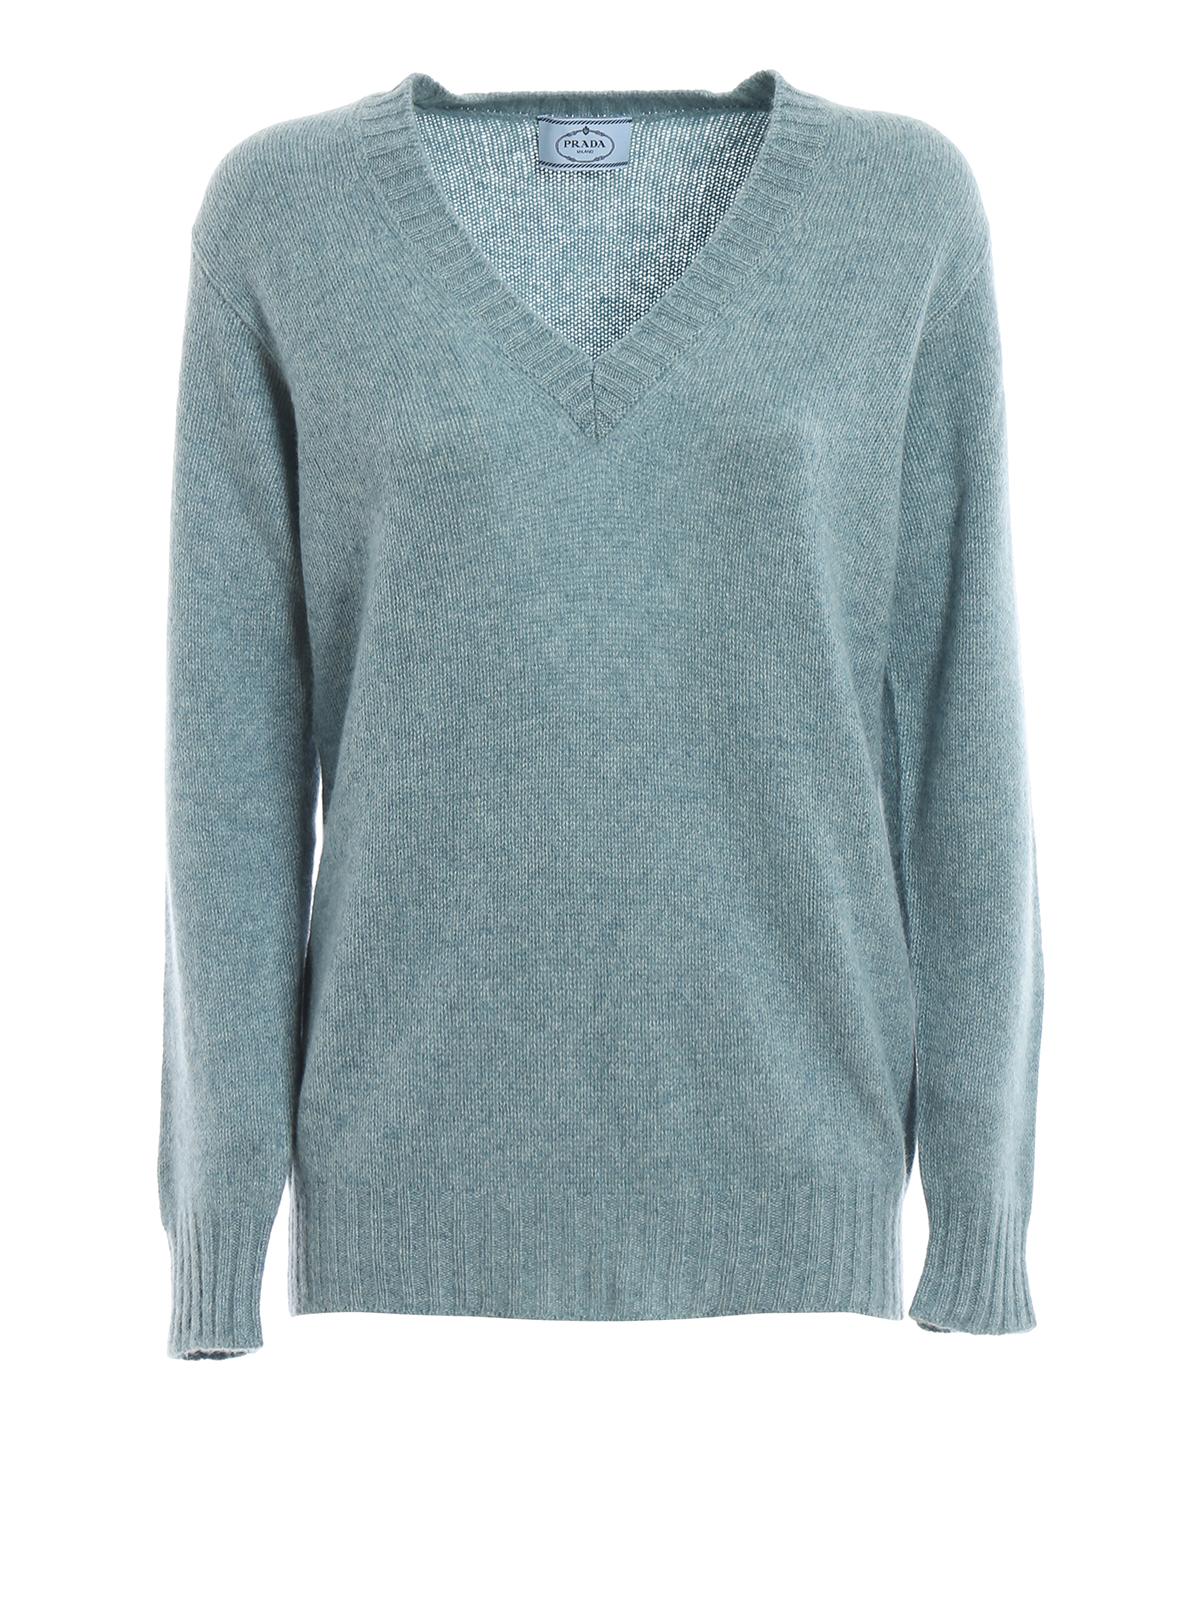 Prada Sage Green Melange Cashmere V-Neck Sweater